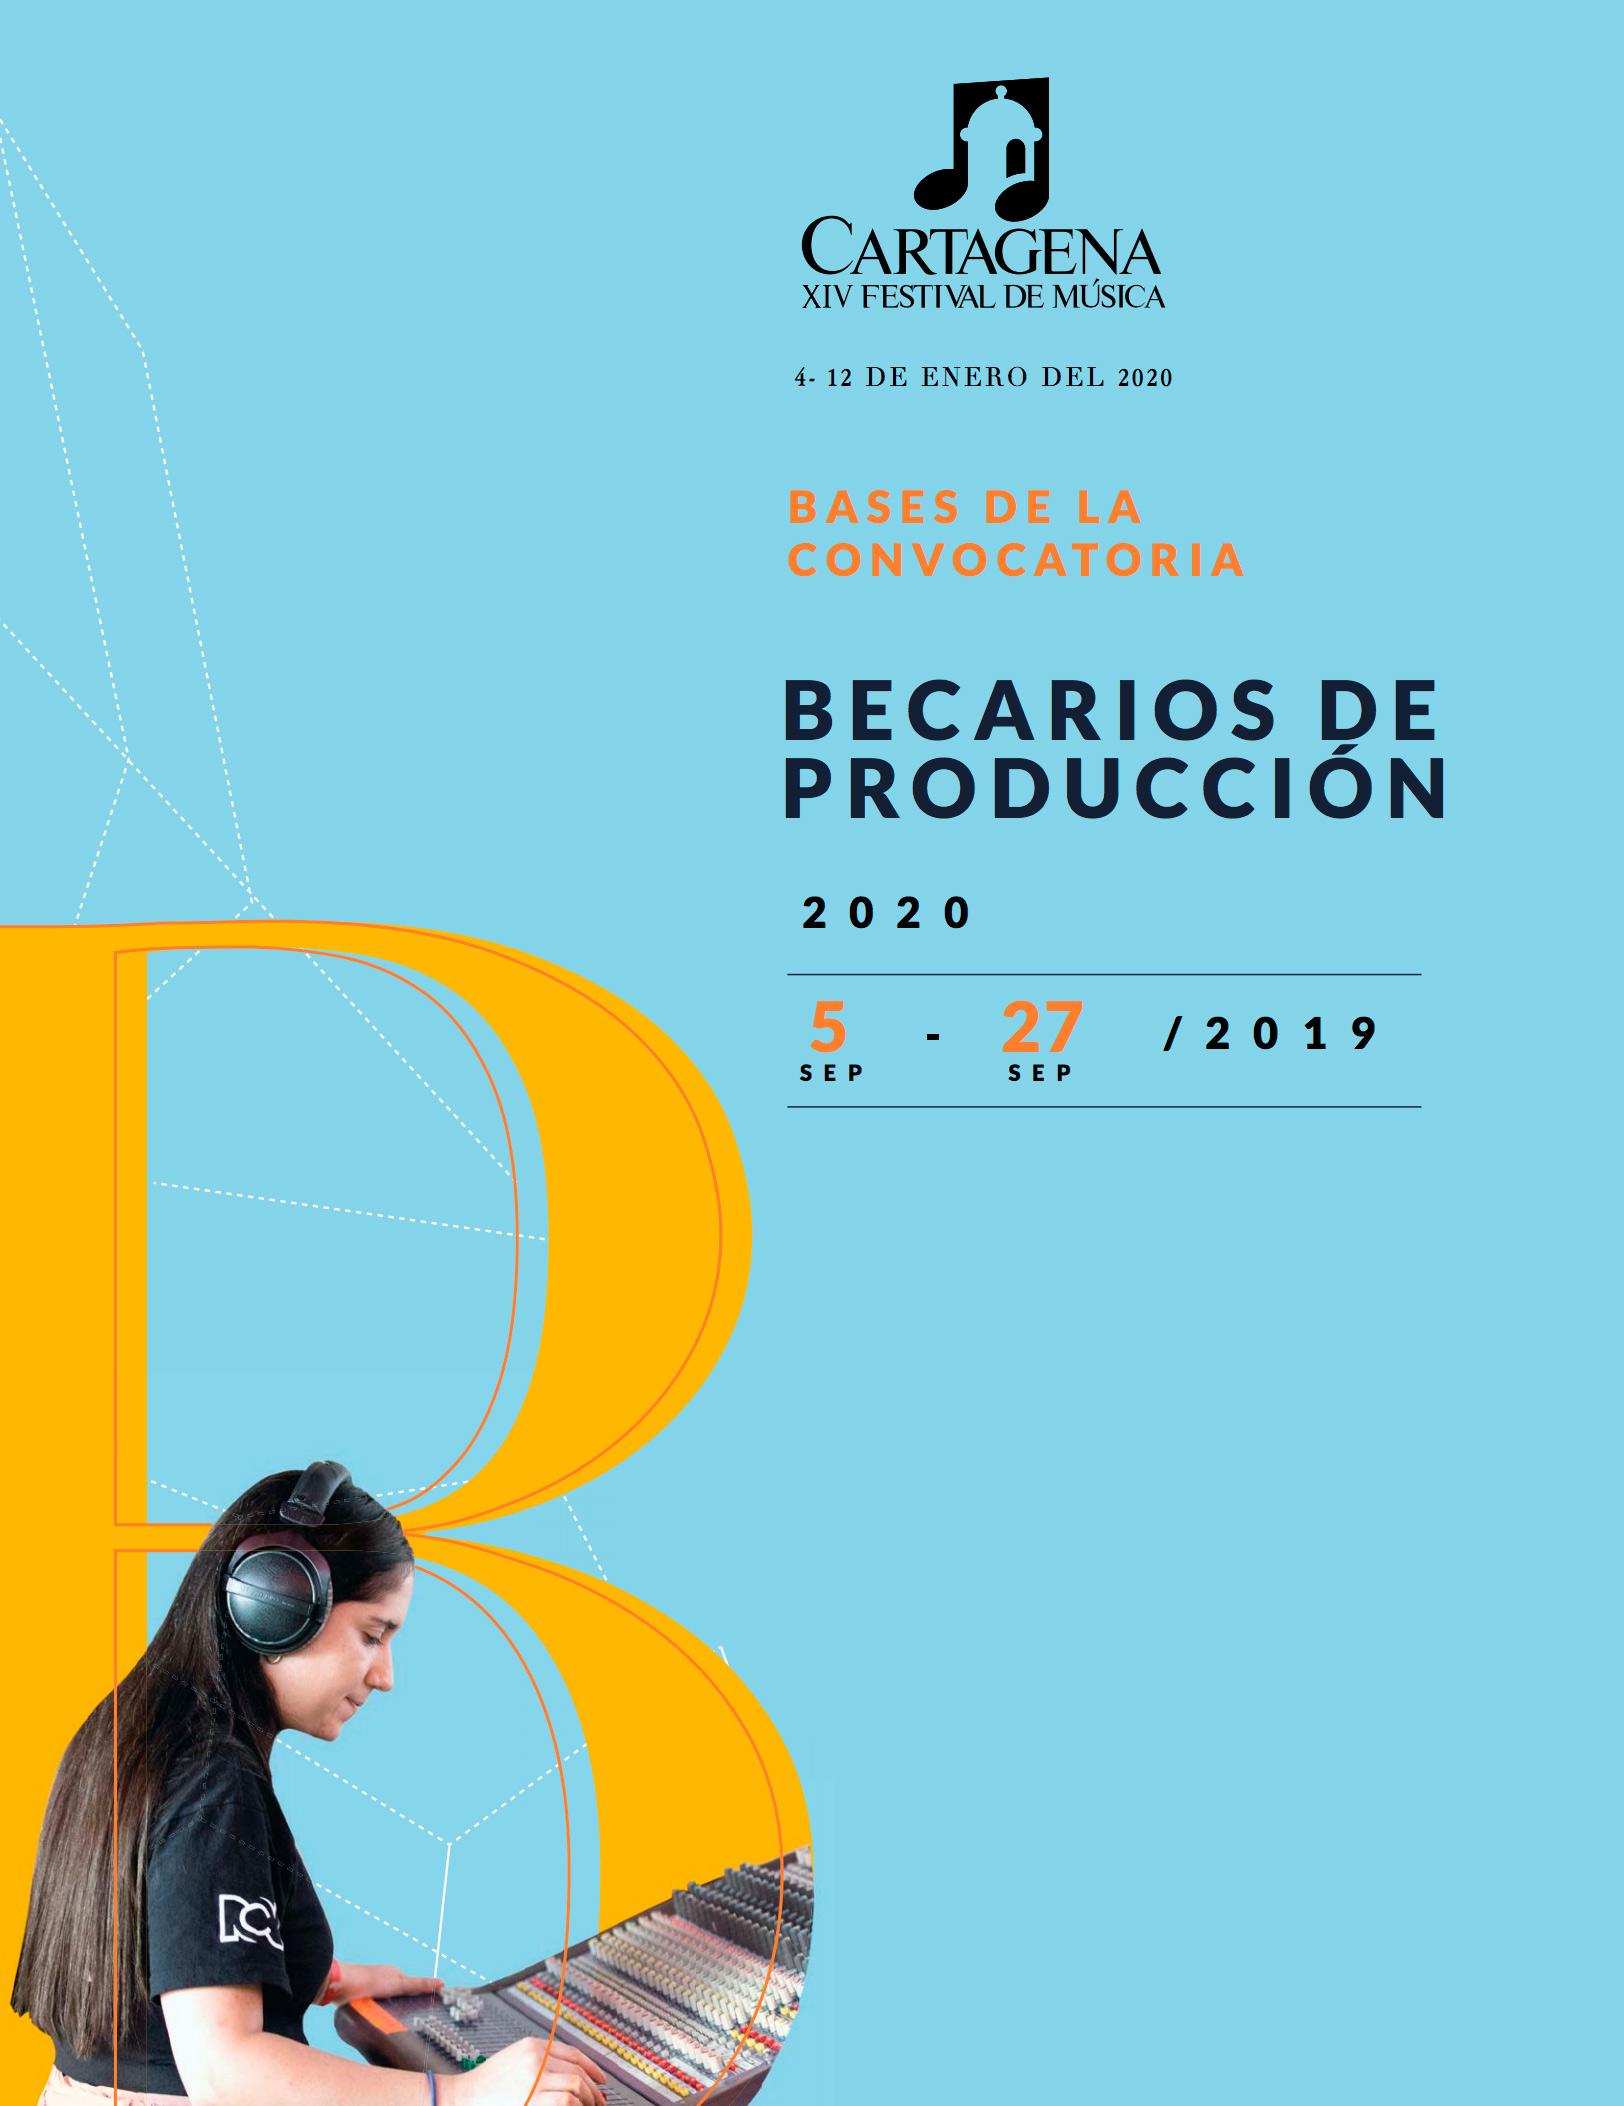 Convocatoria:Becarios de producciónpara el Cartagena XIV Festival de Música